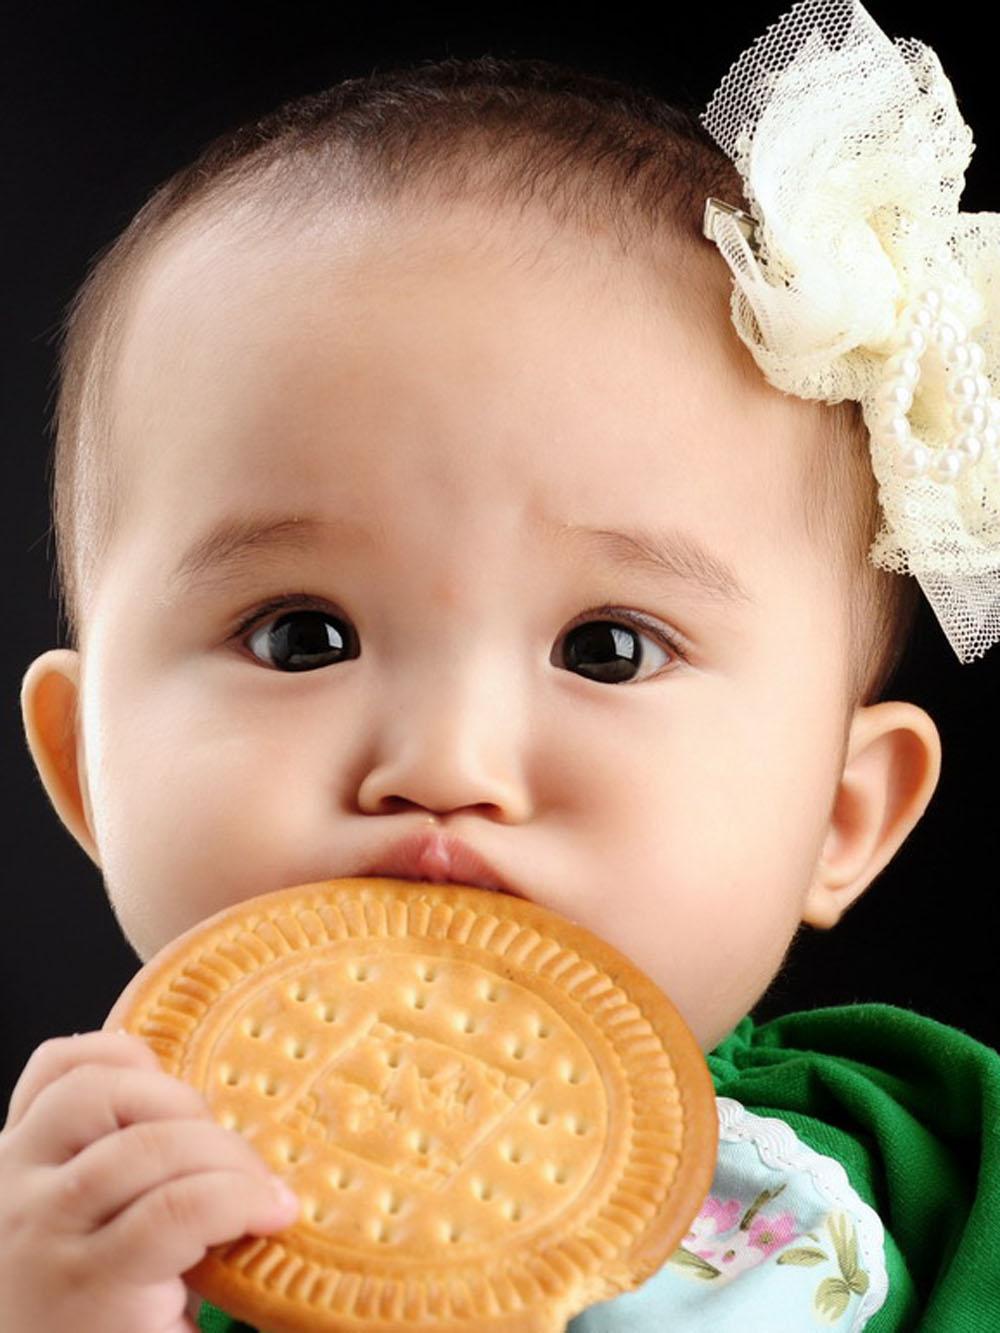 宝宝 壁纸 孩子 小孩 婴儿 1000_1333 竖版 竖屏 手机